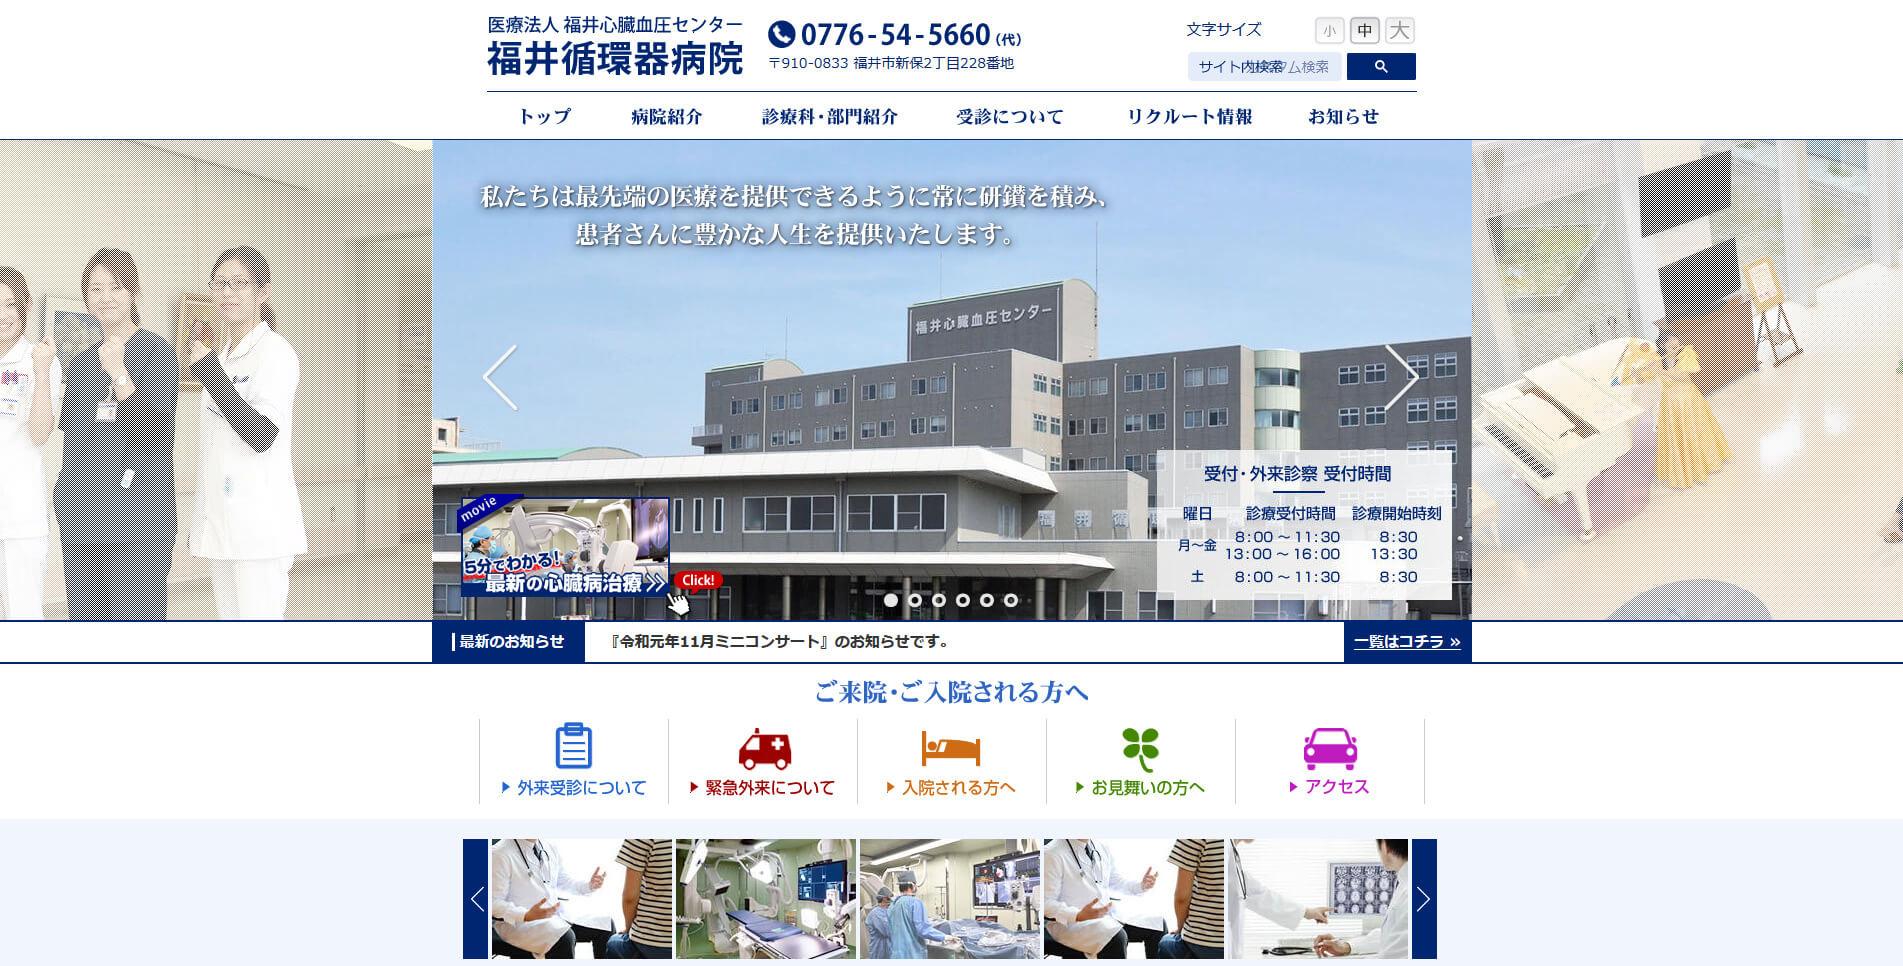 医療法人 福井心臓血圧センター 福井循環器病院